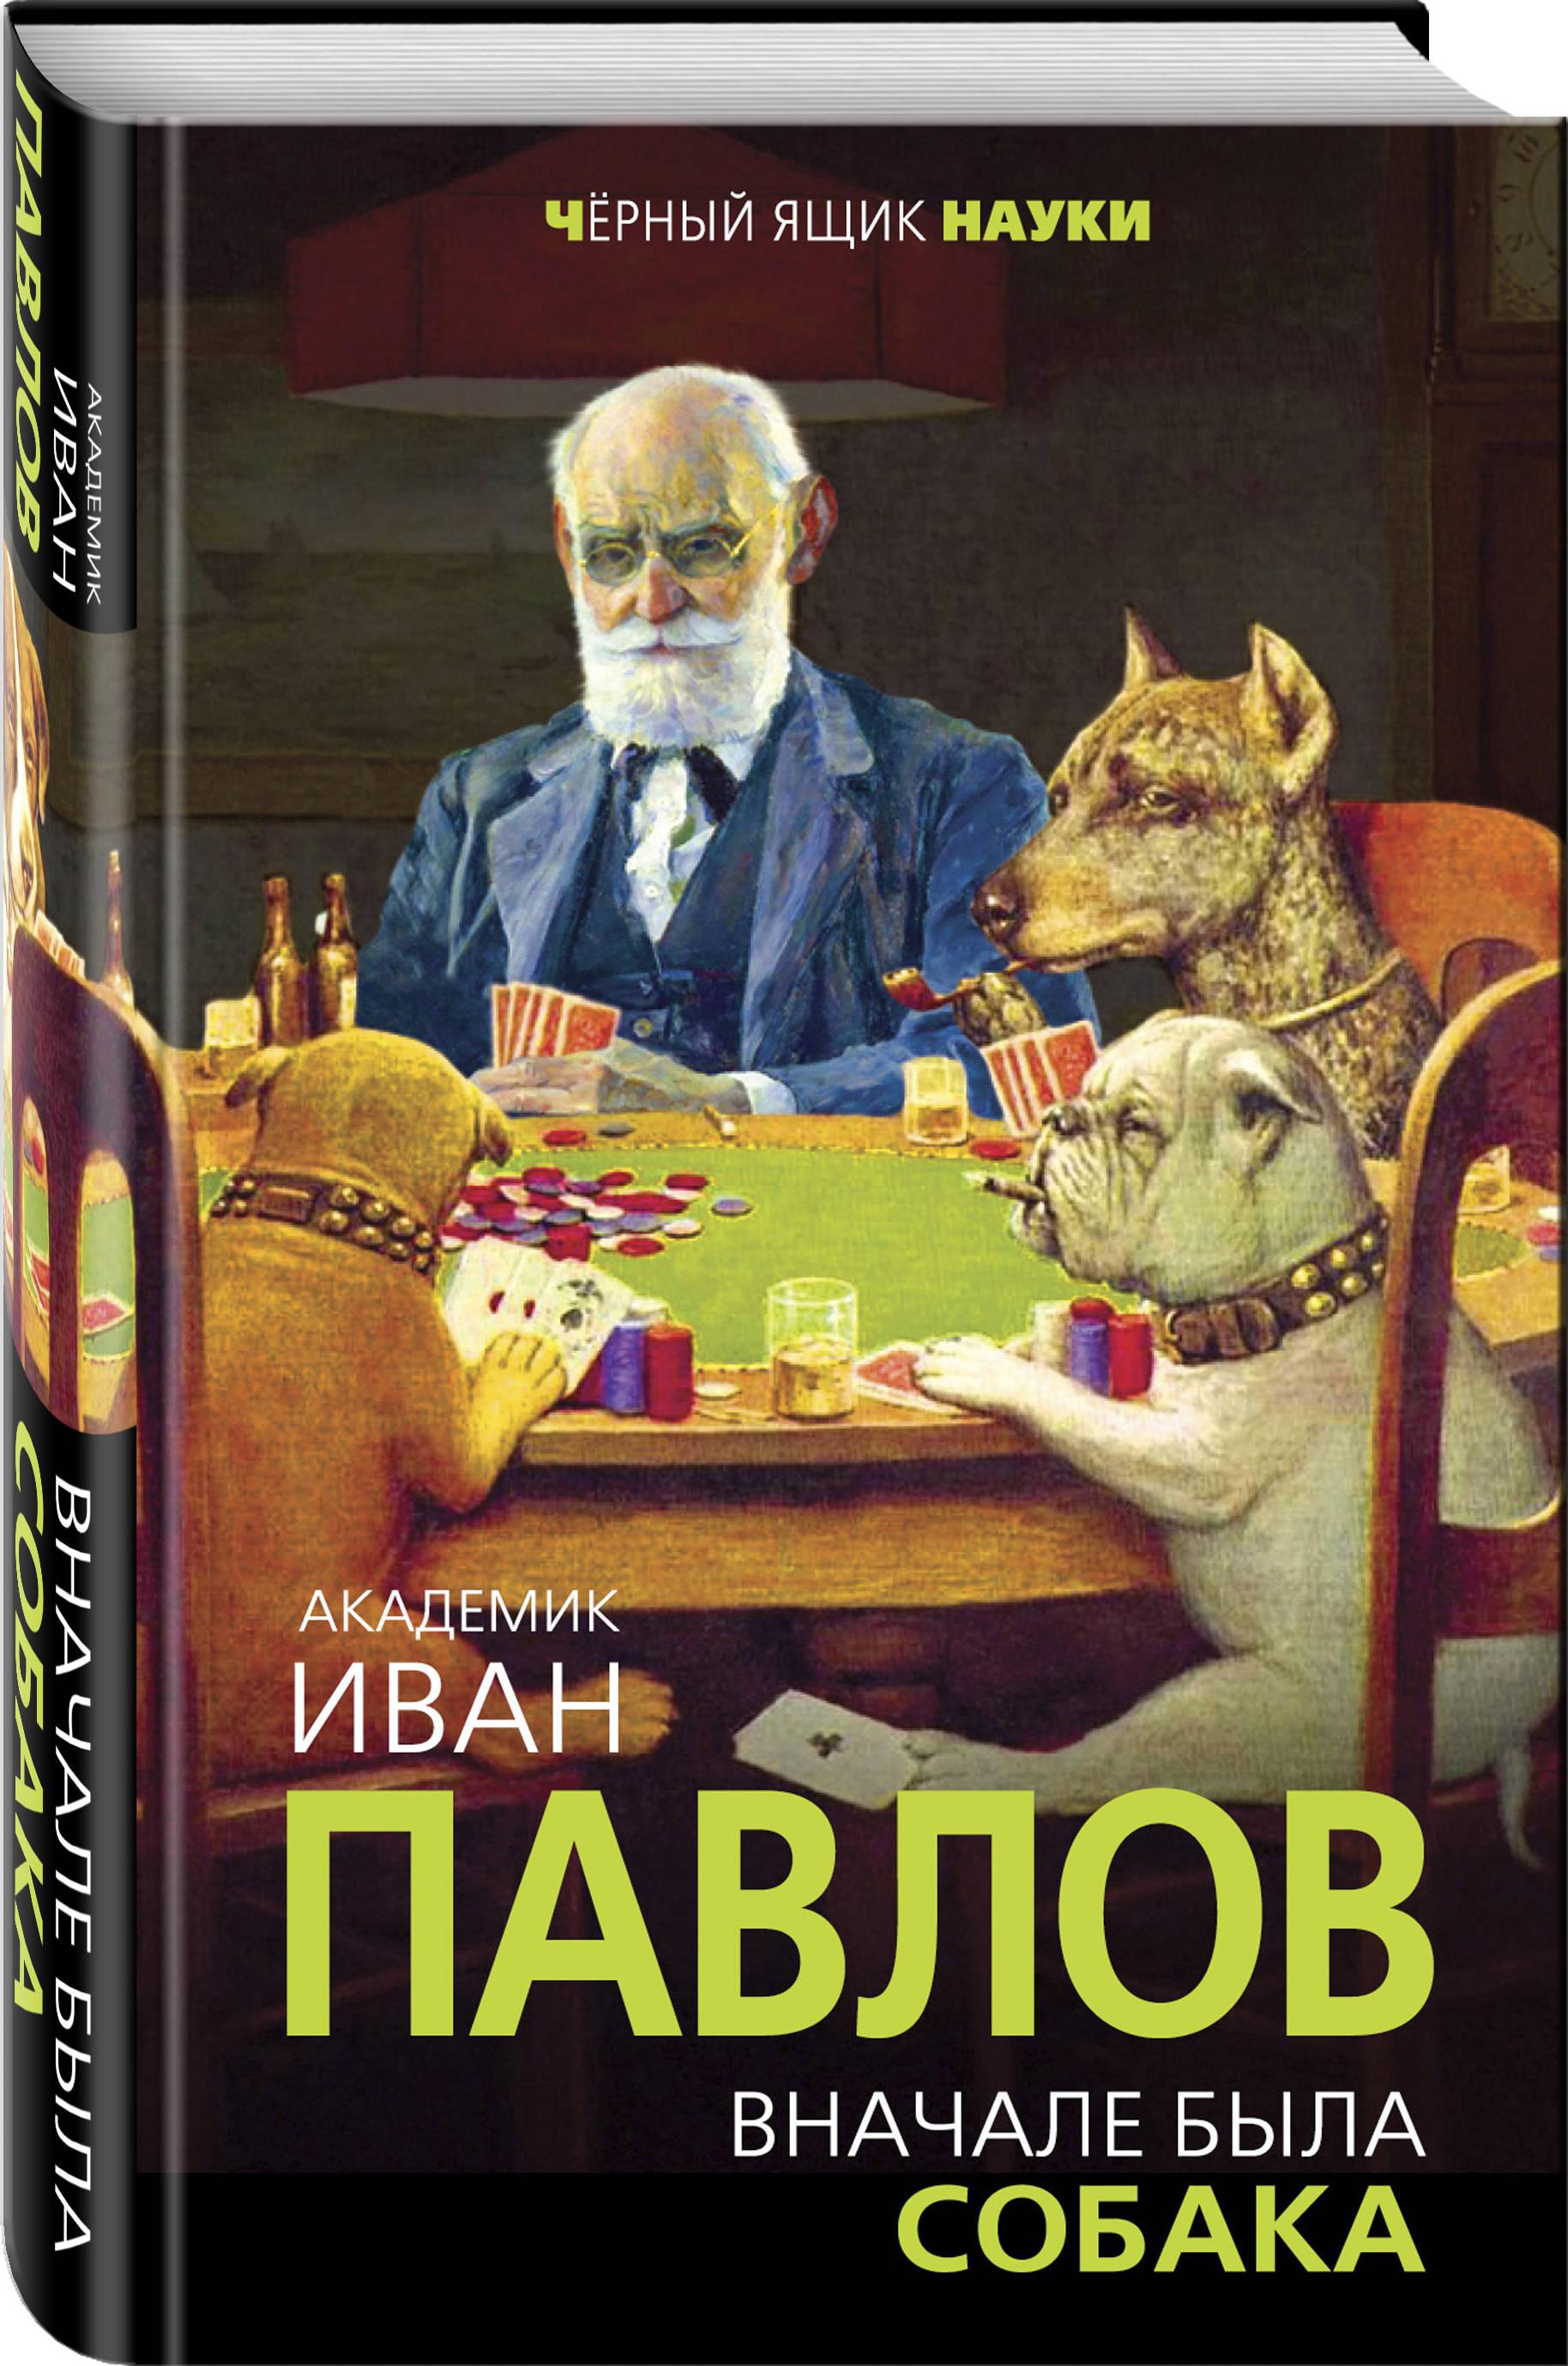 Иван Павлов Вначале была собака. Двадцать лет экспериментов магазин для парикмахеров харьков академика павлова